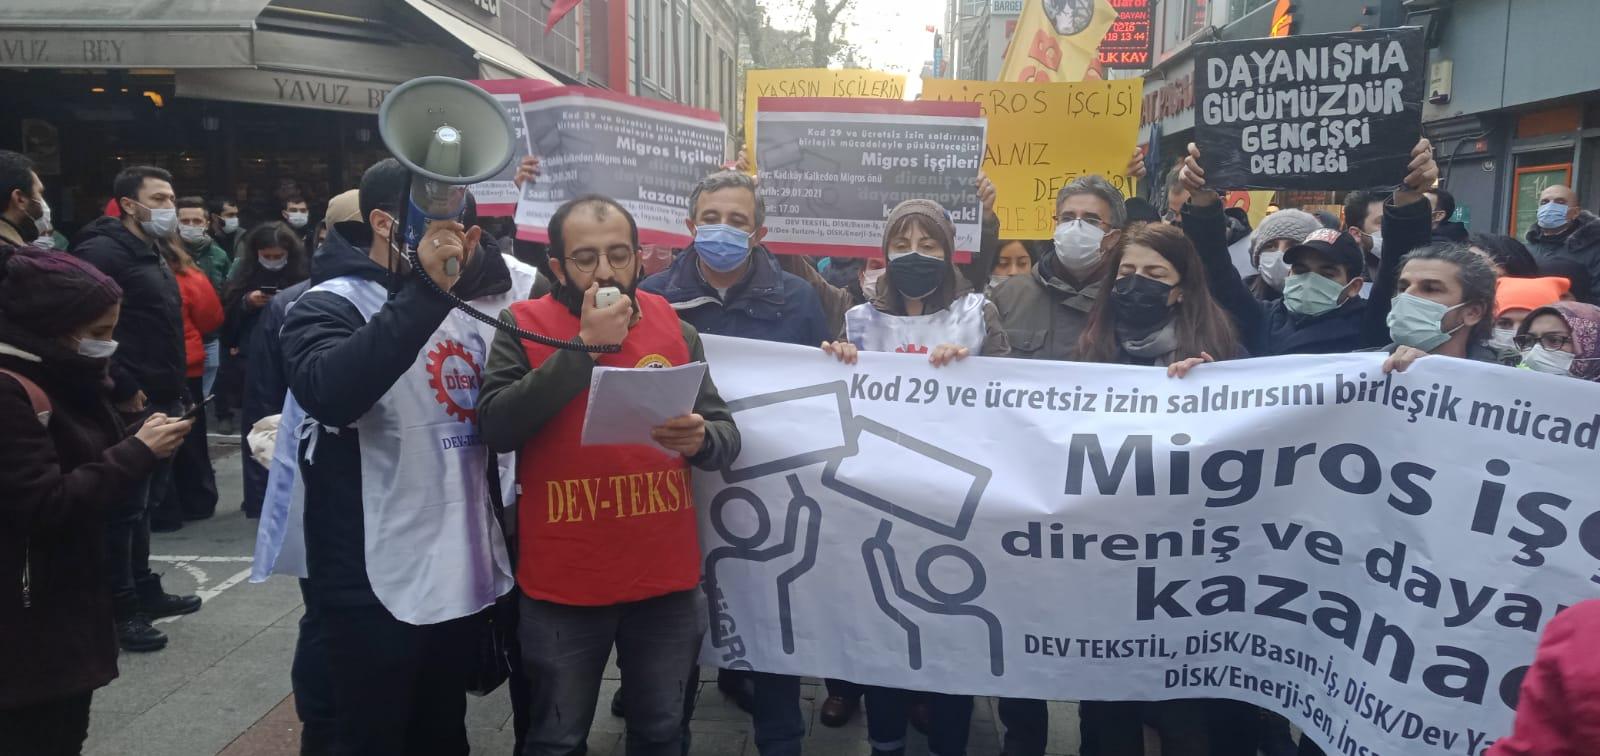 (15) Polis Engeline Rağmen Migros İşçileriyle Kitlesel Dayanışma...